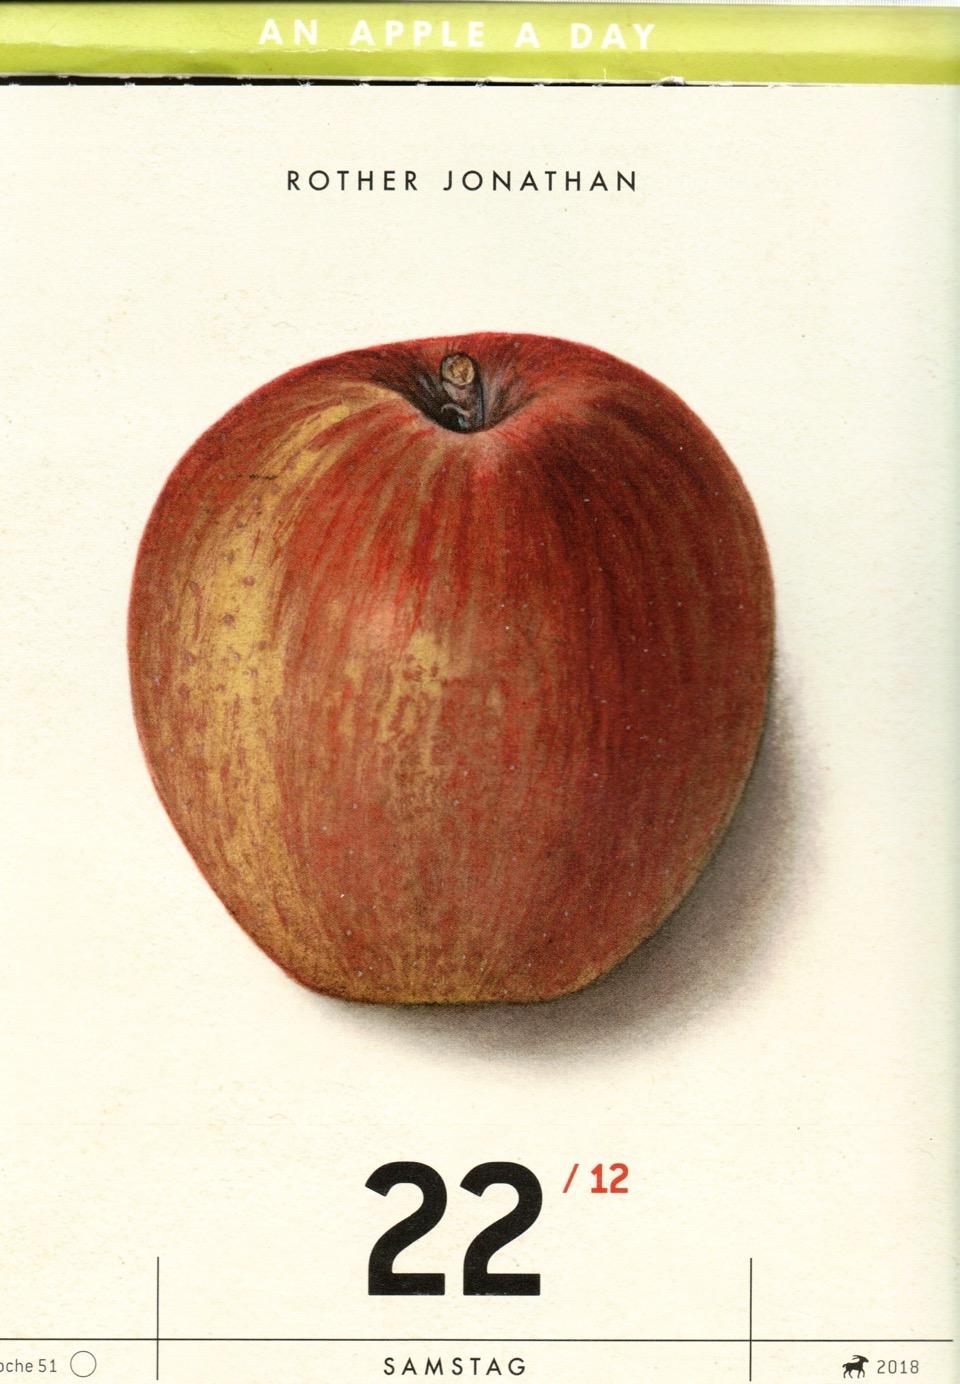 Kalender mit der hsitorischen Abbildung eines gelblich-roten Apfels; Verlag Hermann Schmidt